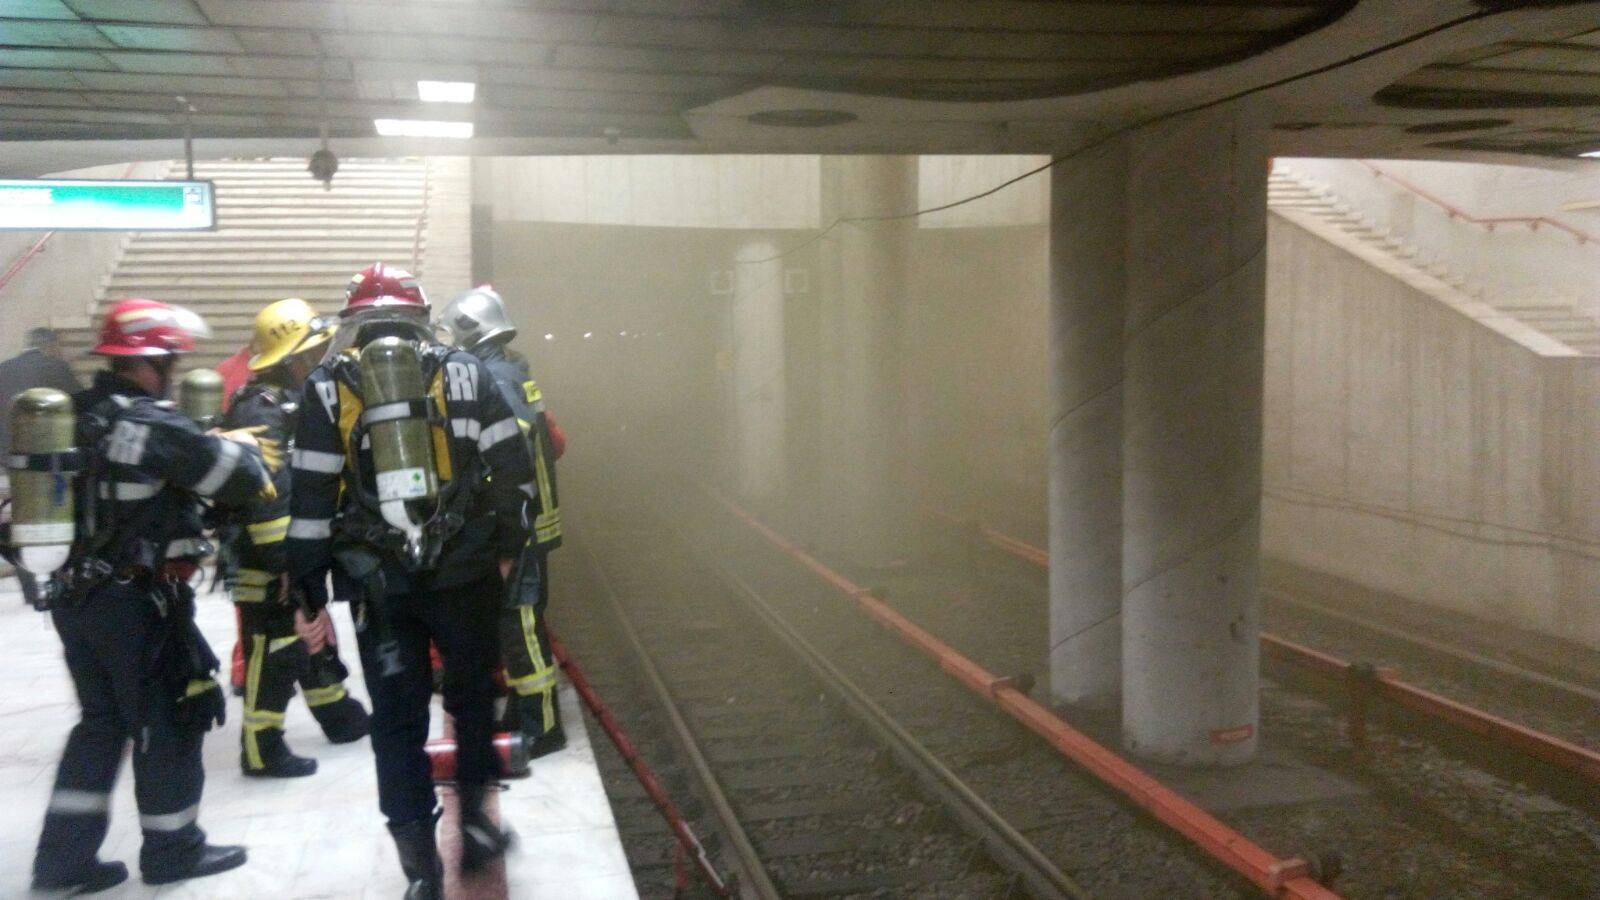 Panică la metrou | Fum la staţia Piaţa Victoriei după o defecţiune electrică pe linia de metrou M2